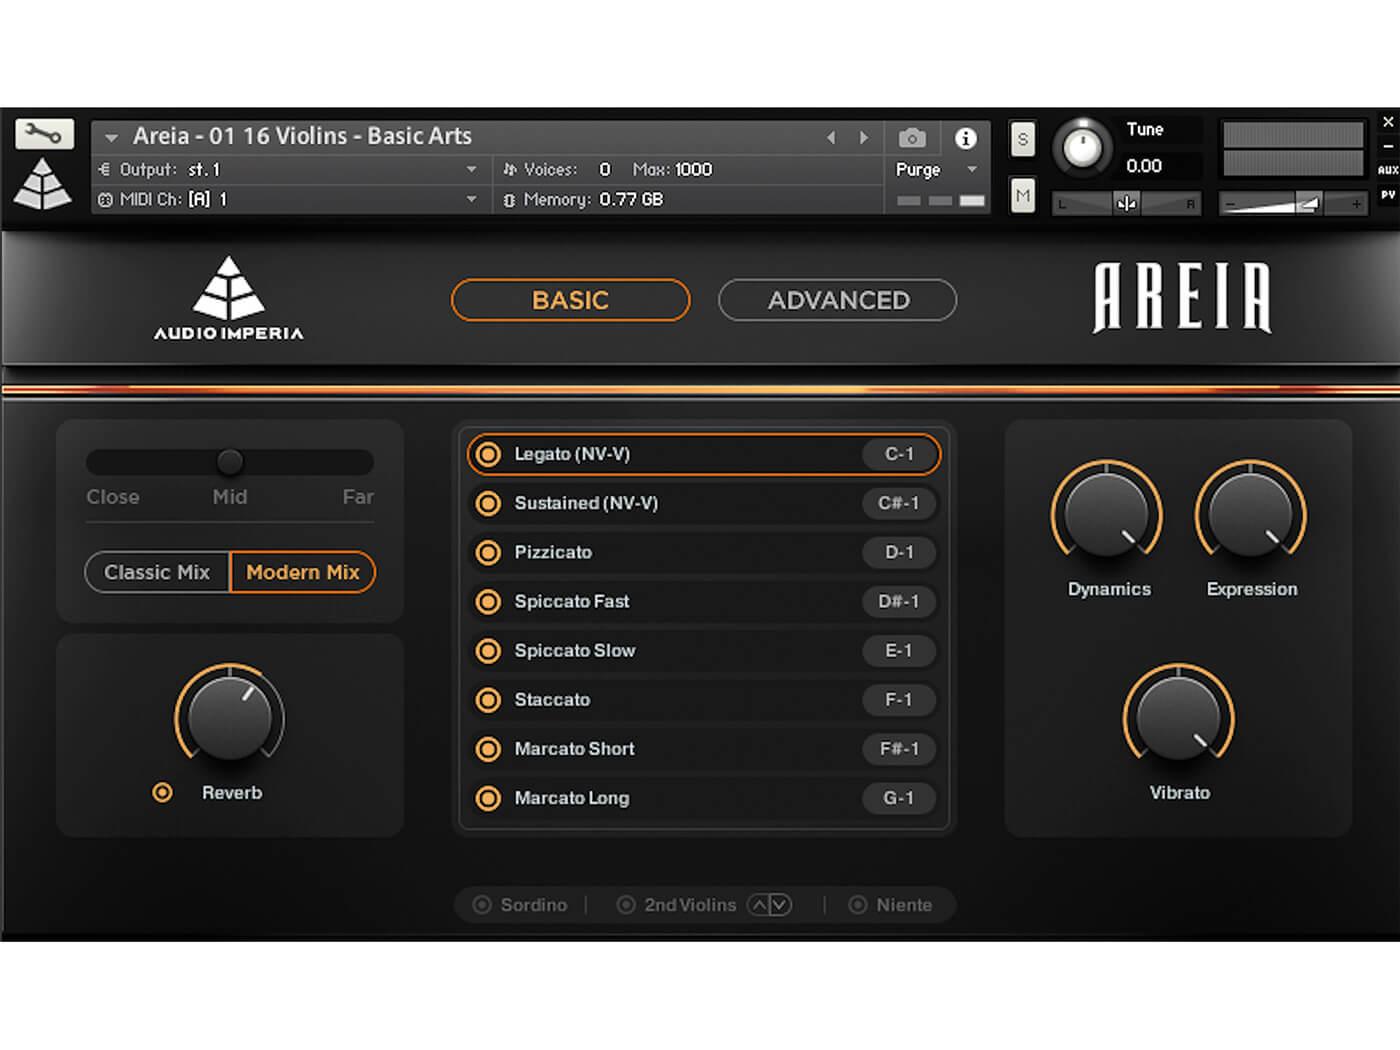 Audio Imperia Areia UI